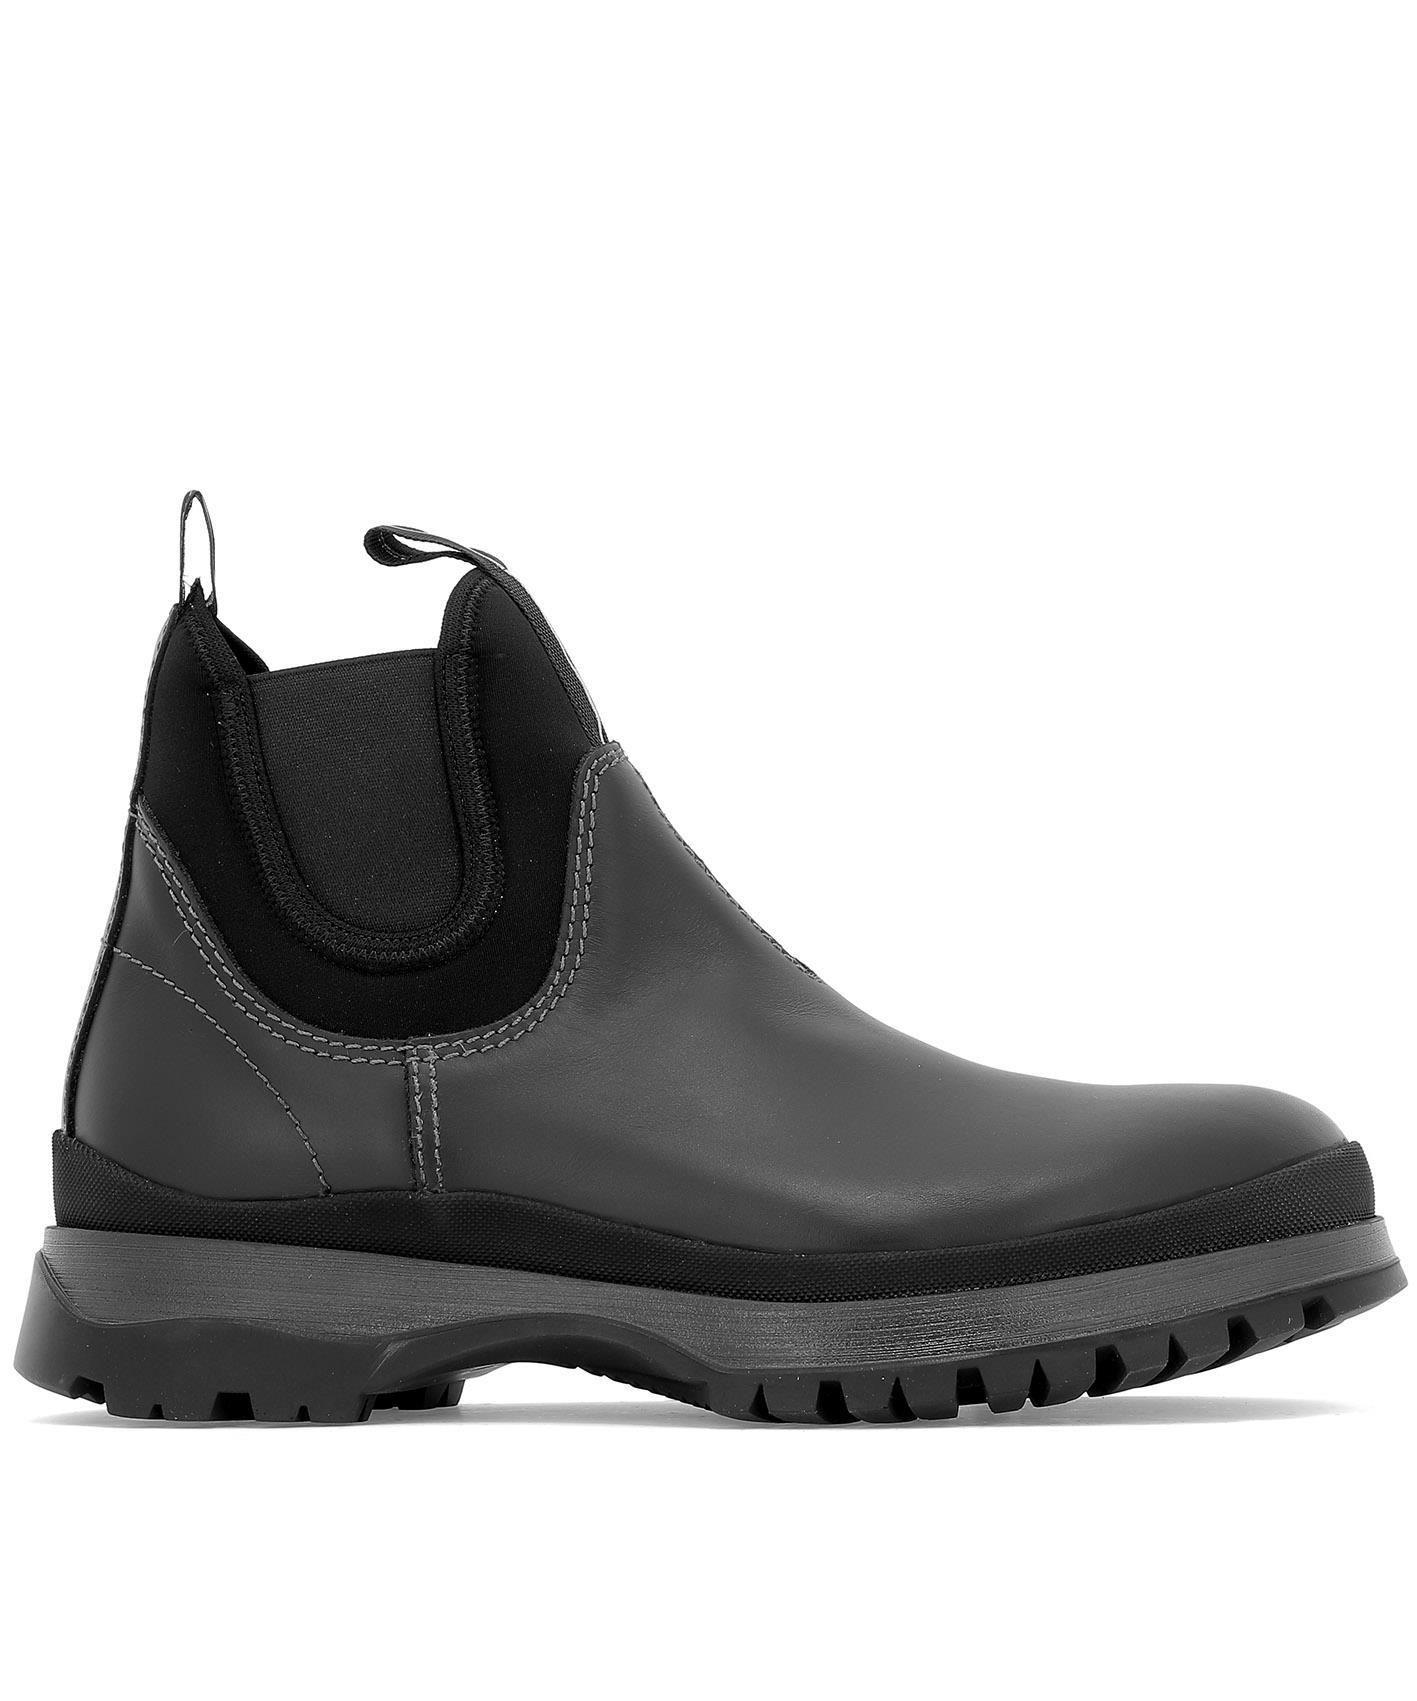 b31cd50d468 PRADA PRADA BRIXEN BLACK WATERPROOF ANKLE BOOTS. #prada #shoes ...